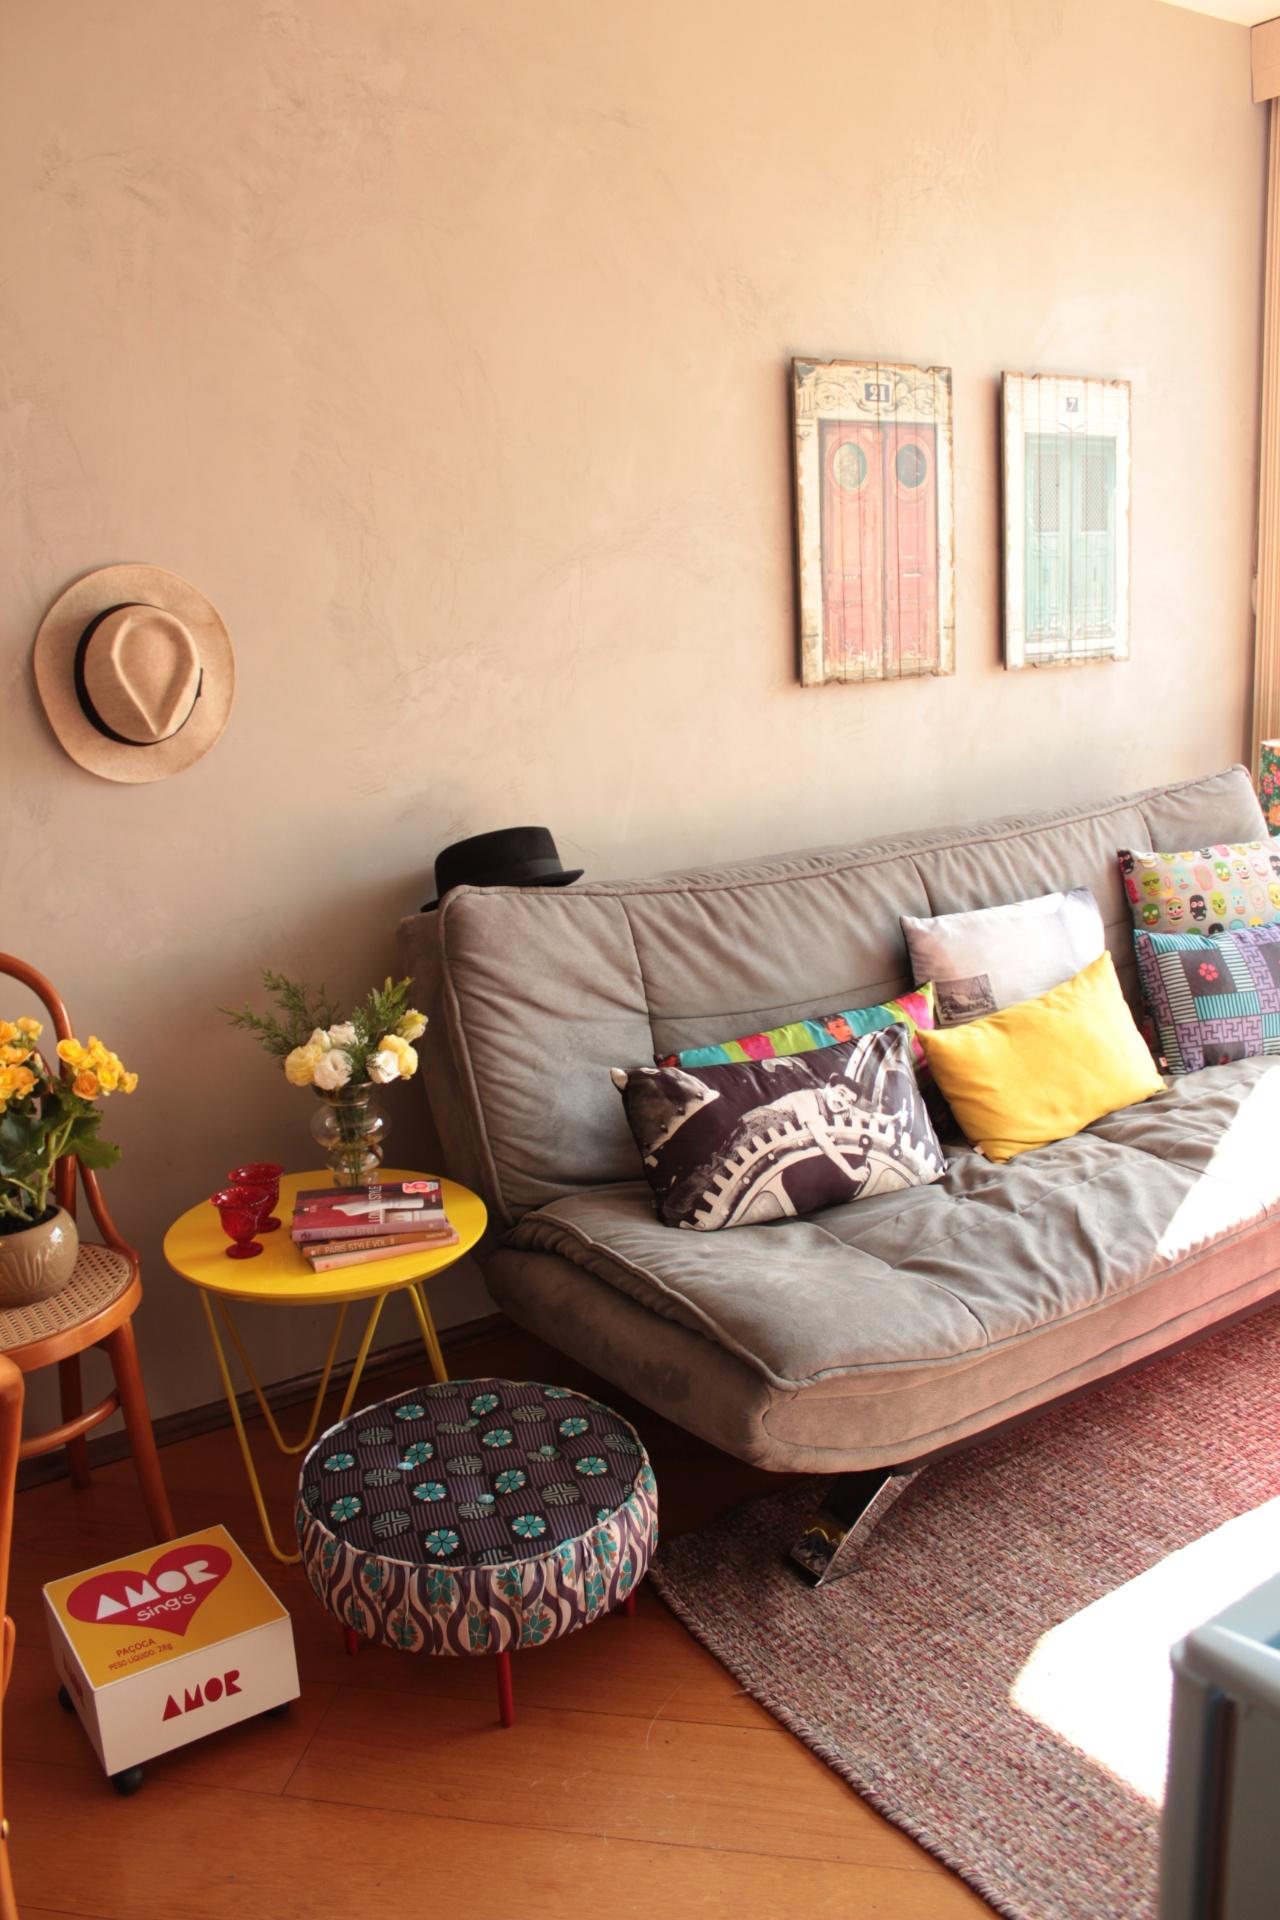 No projeto da designer de interiores Ingrid Hirsch, a sala do apartamento de 40 m² ganhou ares mais rústicos graças à pintura especial. As paredes foram cobertas com tinta que imita cimento queimado. O mix de estampas das almofadas, o chapéu pendurado na parede e o conjunto de móveis e objetos ao lado do sofá-cama conferem ainda mais charme e personalidade à decoração